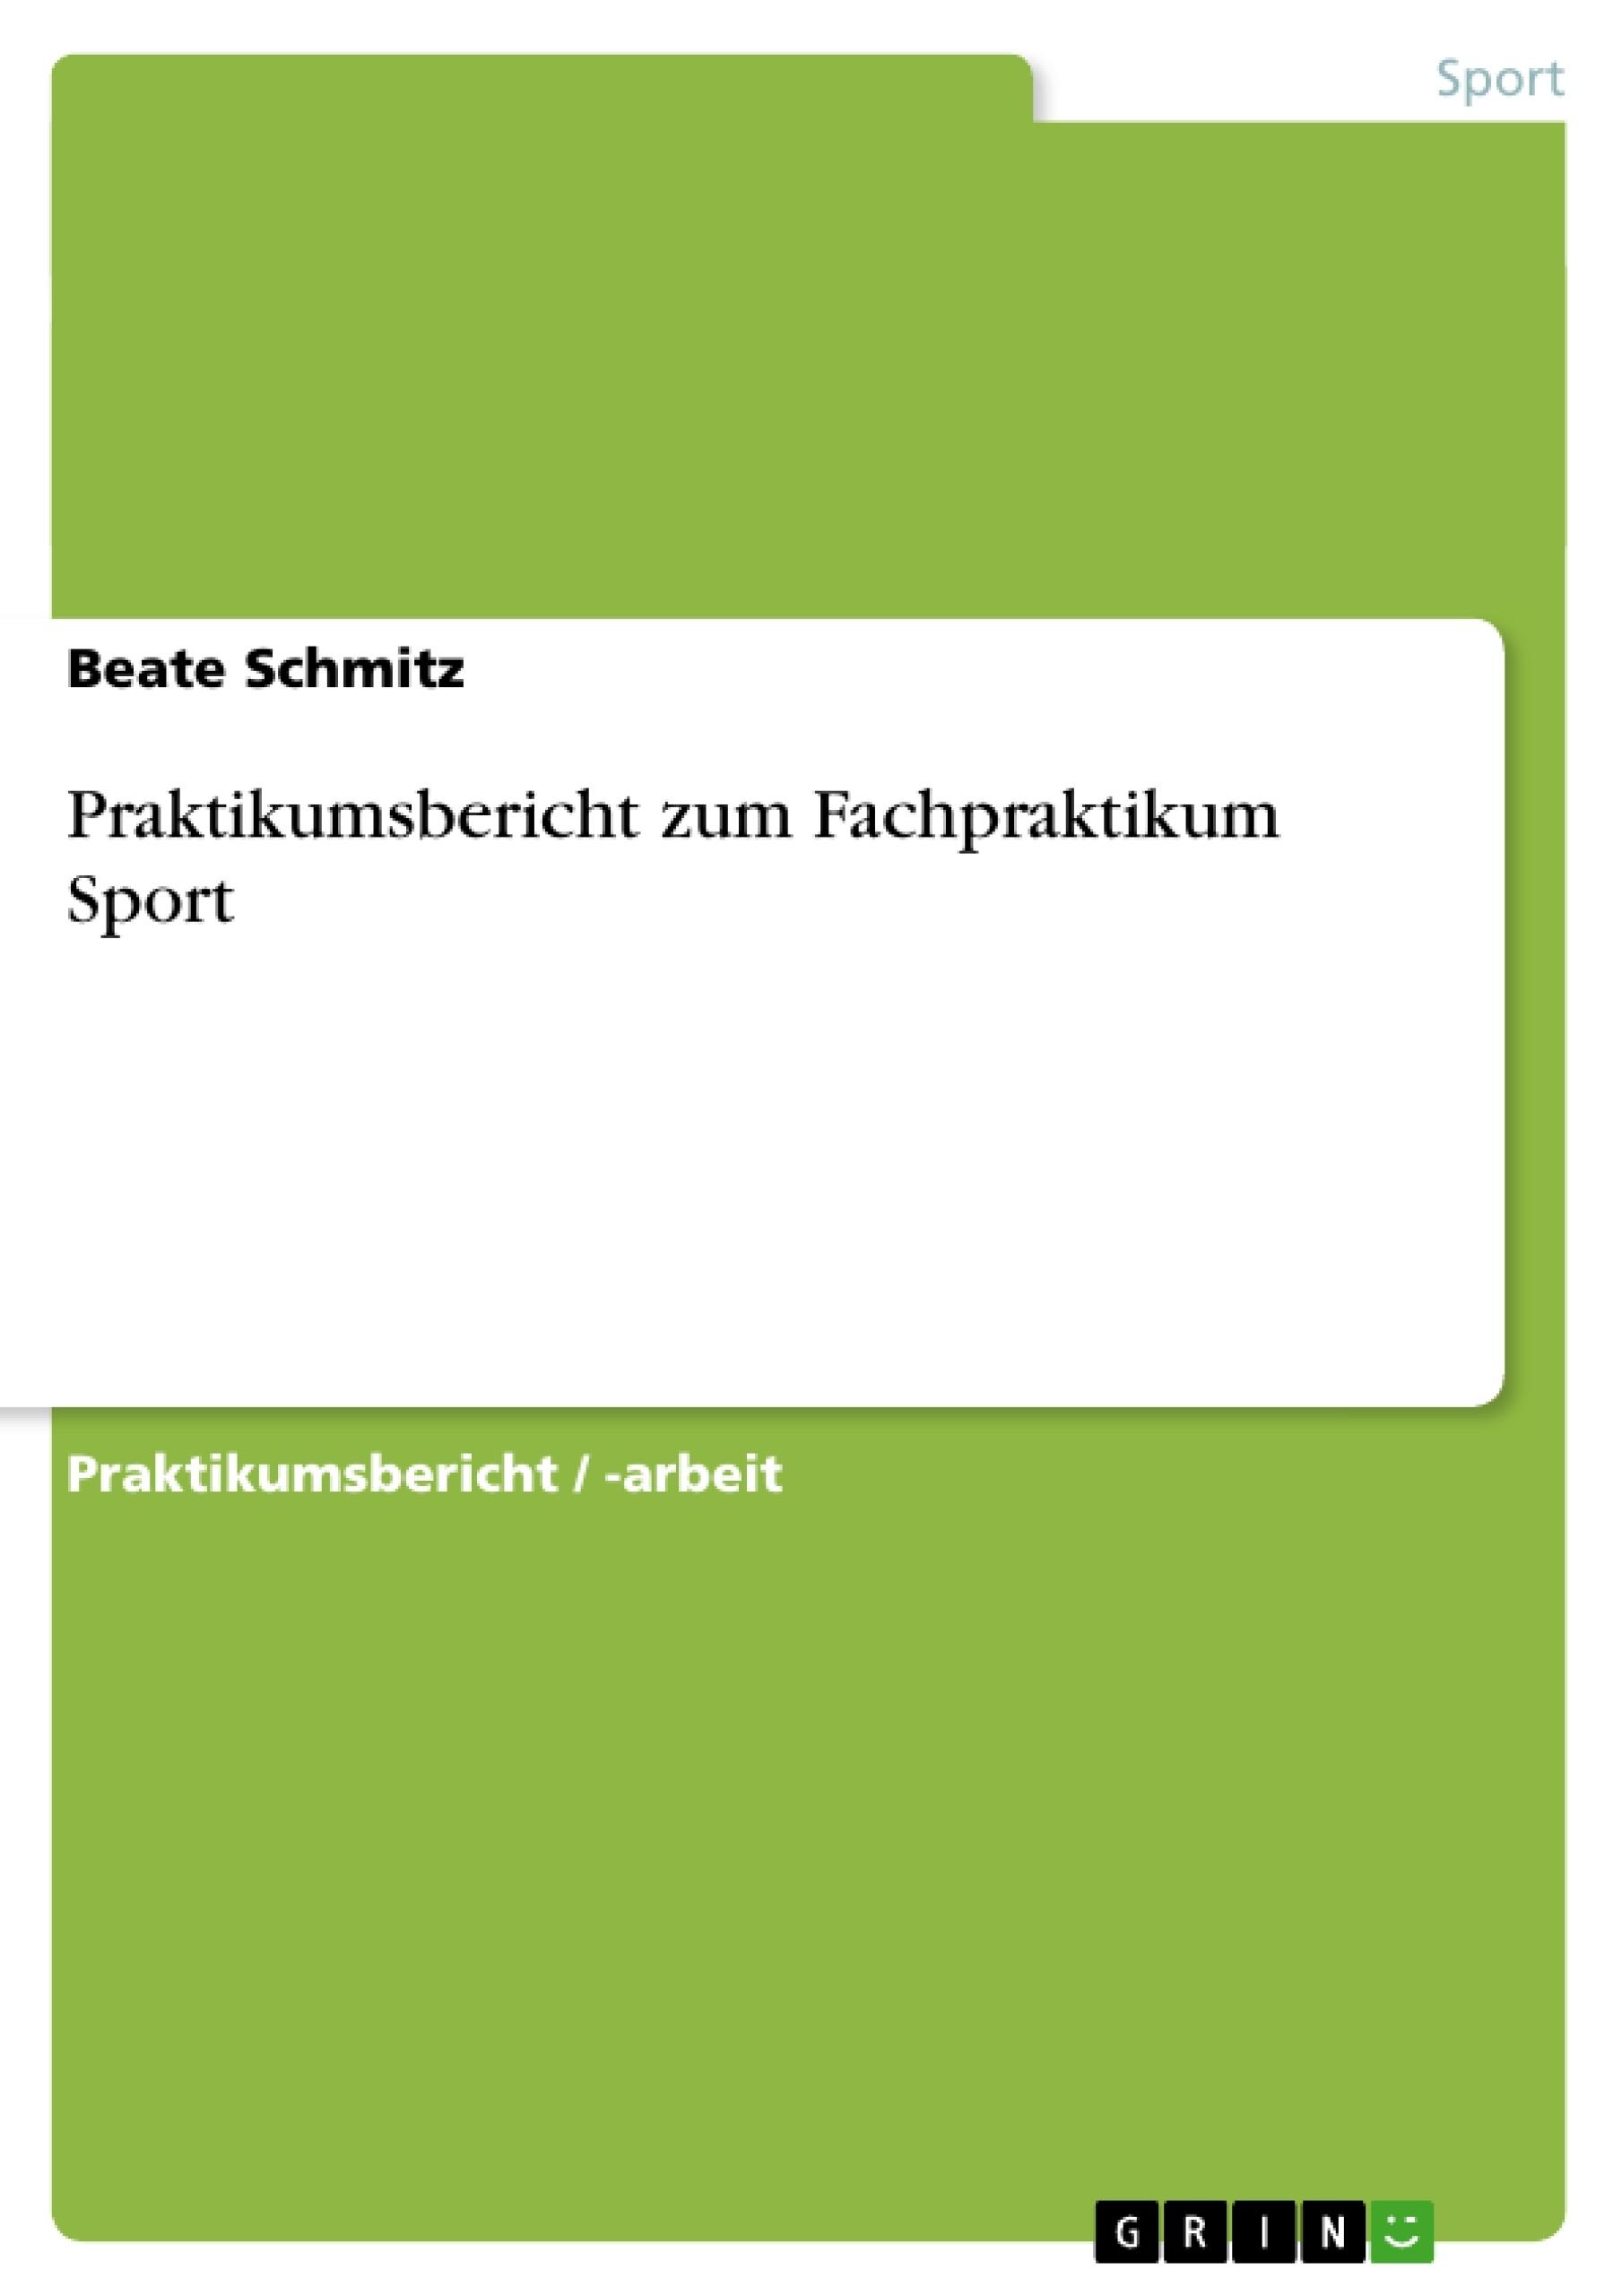 Titel: Praktikumsbericht zum Fachpraktikum Sport